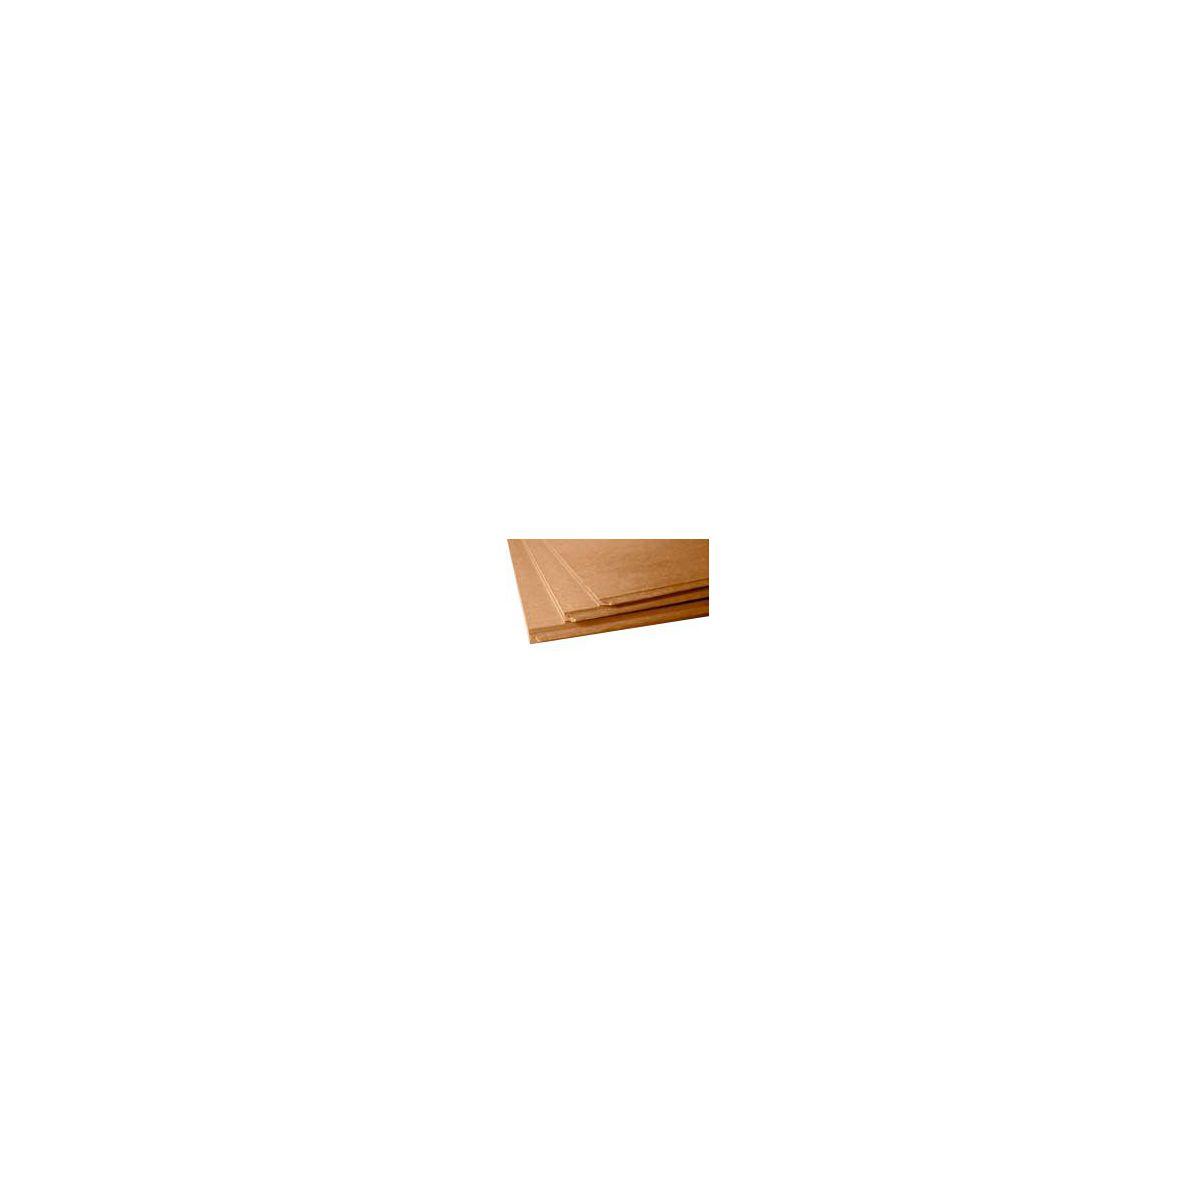 panneau pare pluie bois coupe vent isotoit de steico pour isolation cologique toiture. Black Bedroom Furniture Sets. Home Design Ideas